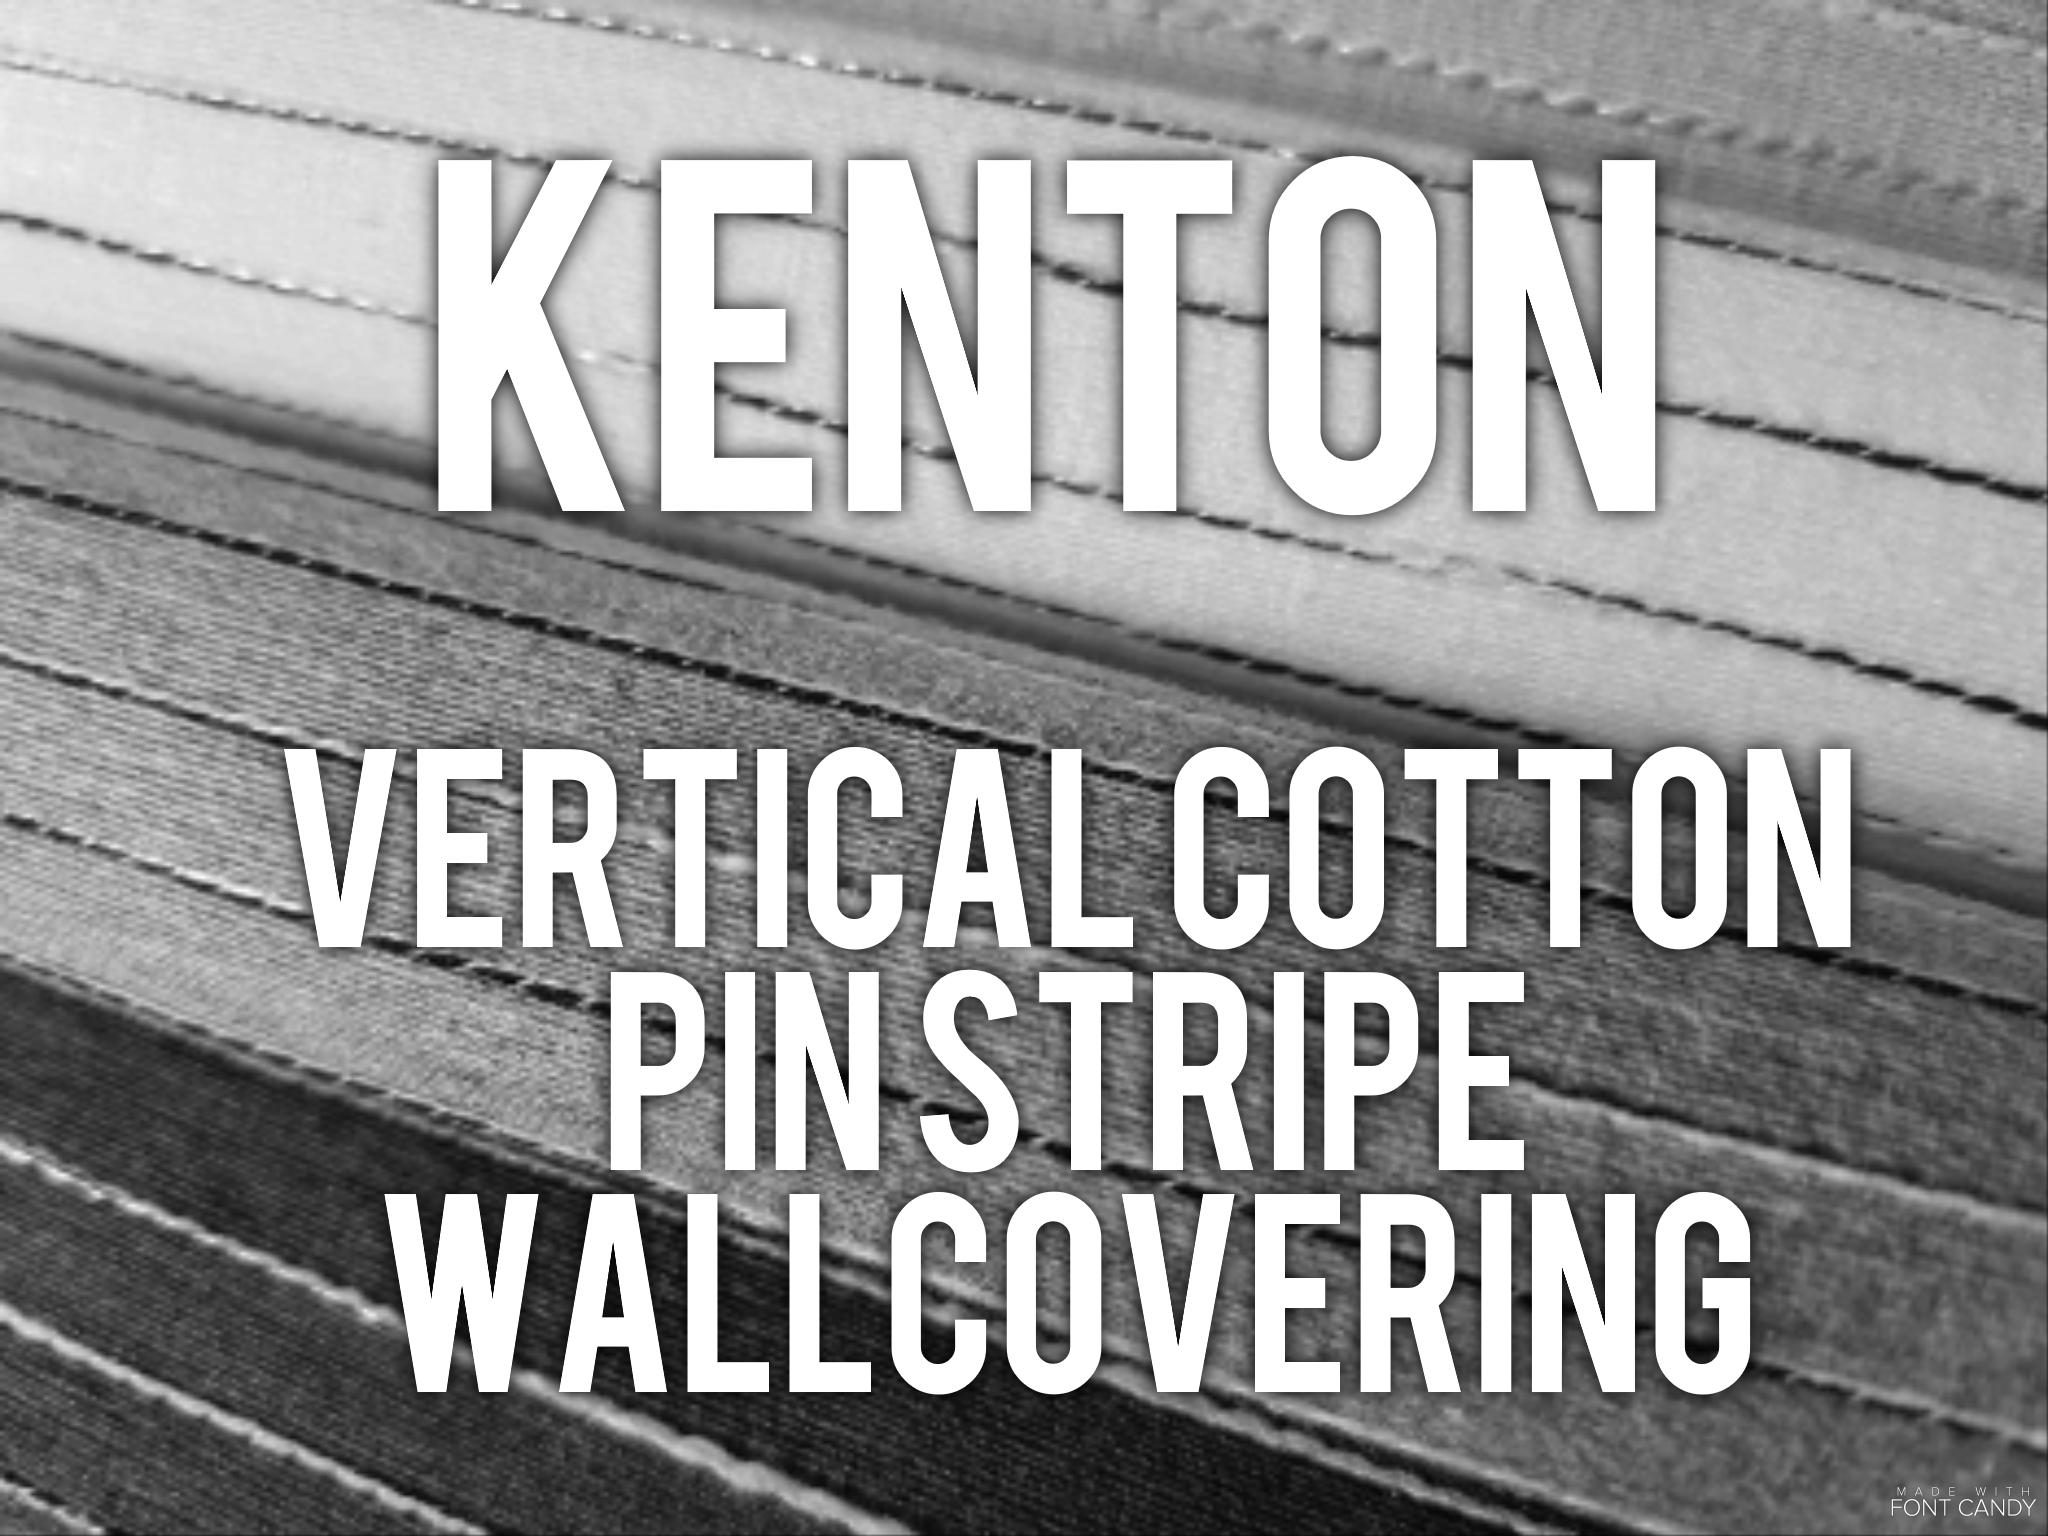 Kenton - Vertical cotton pinstripe wallcovering